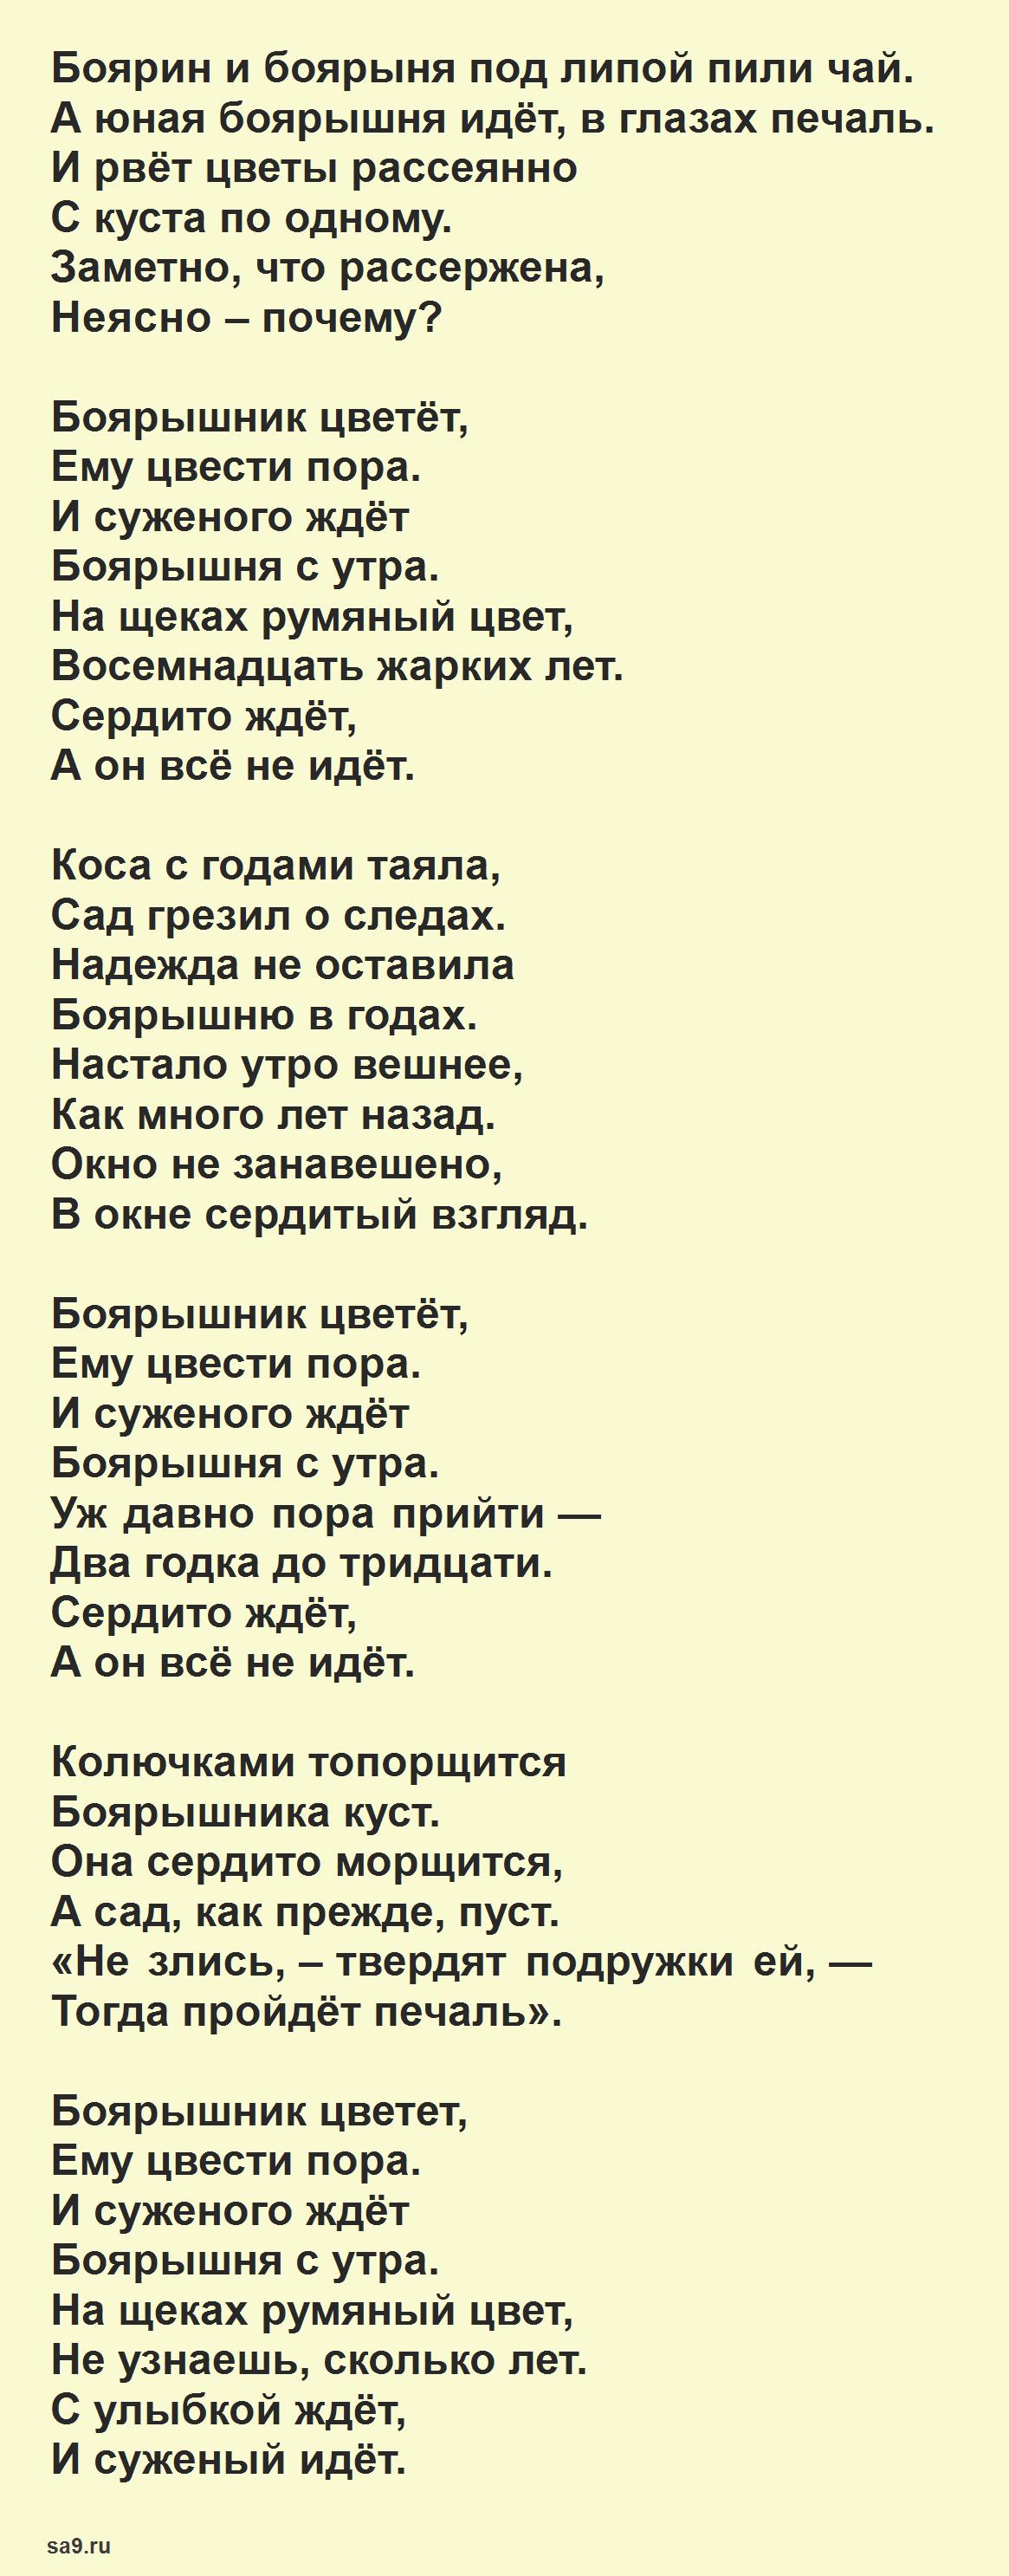 Красивые стихи Ларисы Рубальской о любви - Боярышник